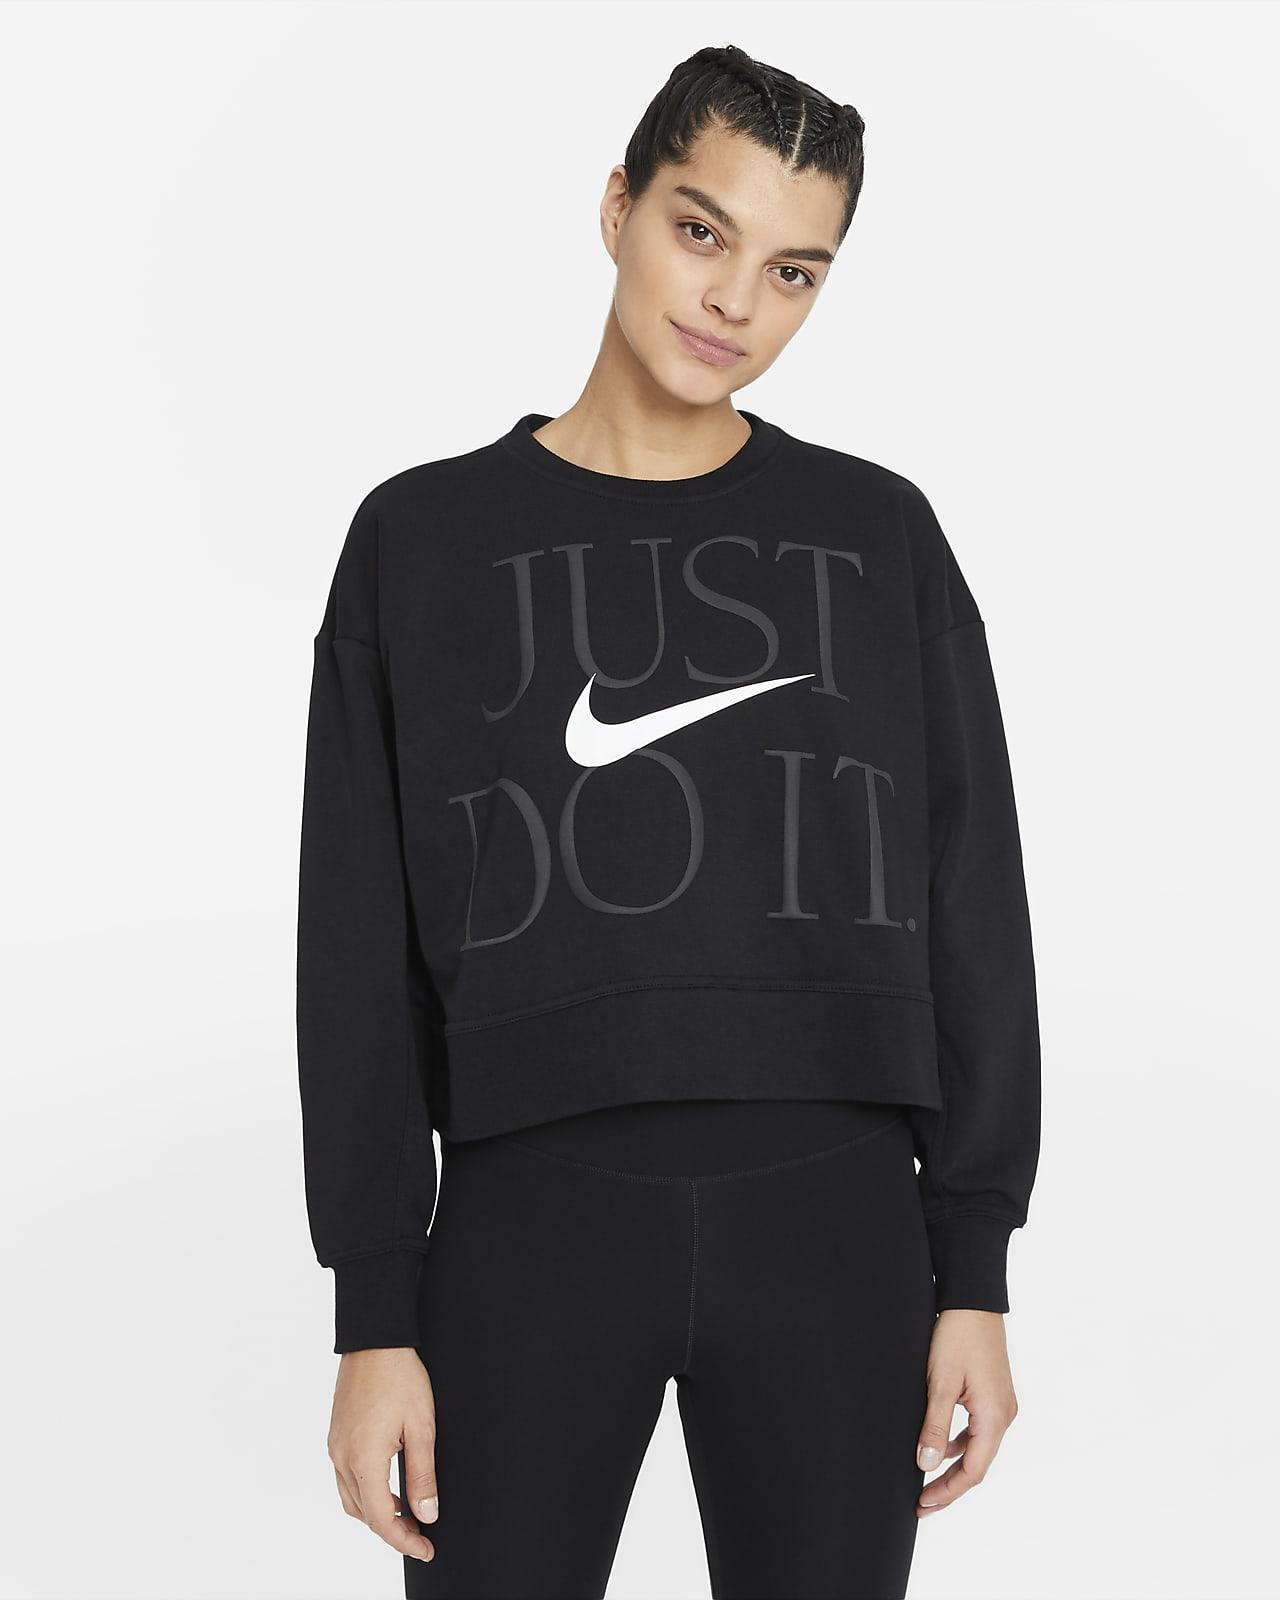 Haut de training Nike Dri-FIT Get Fit pour Femme